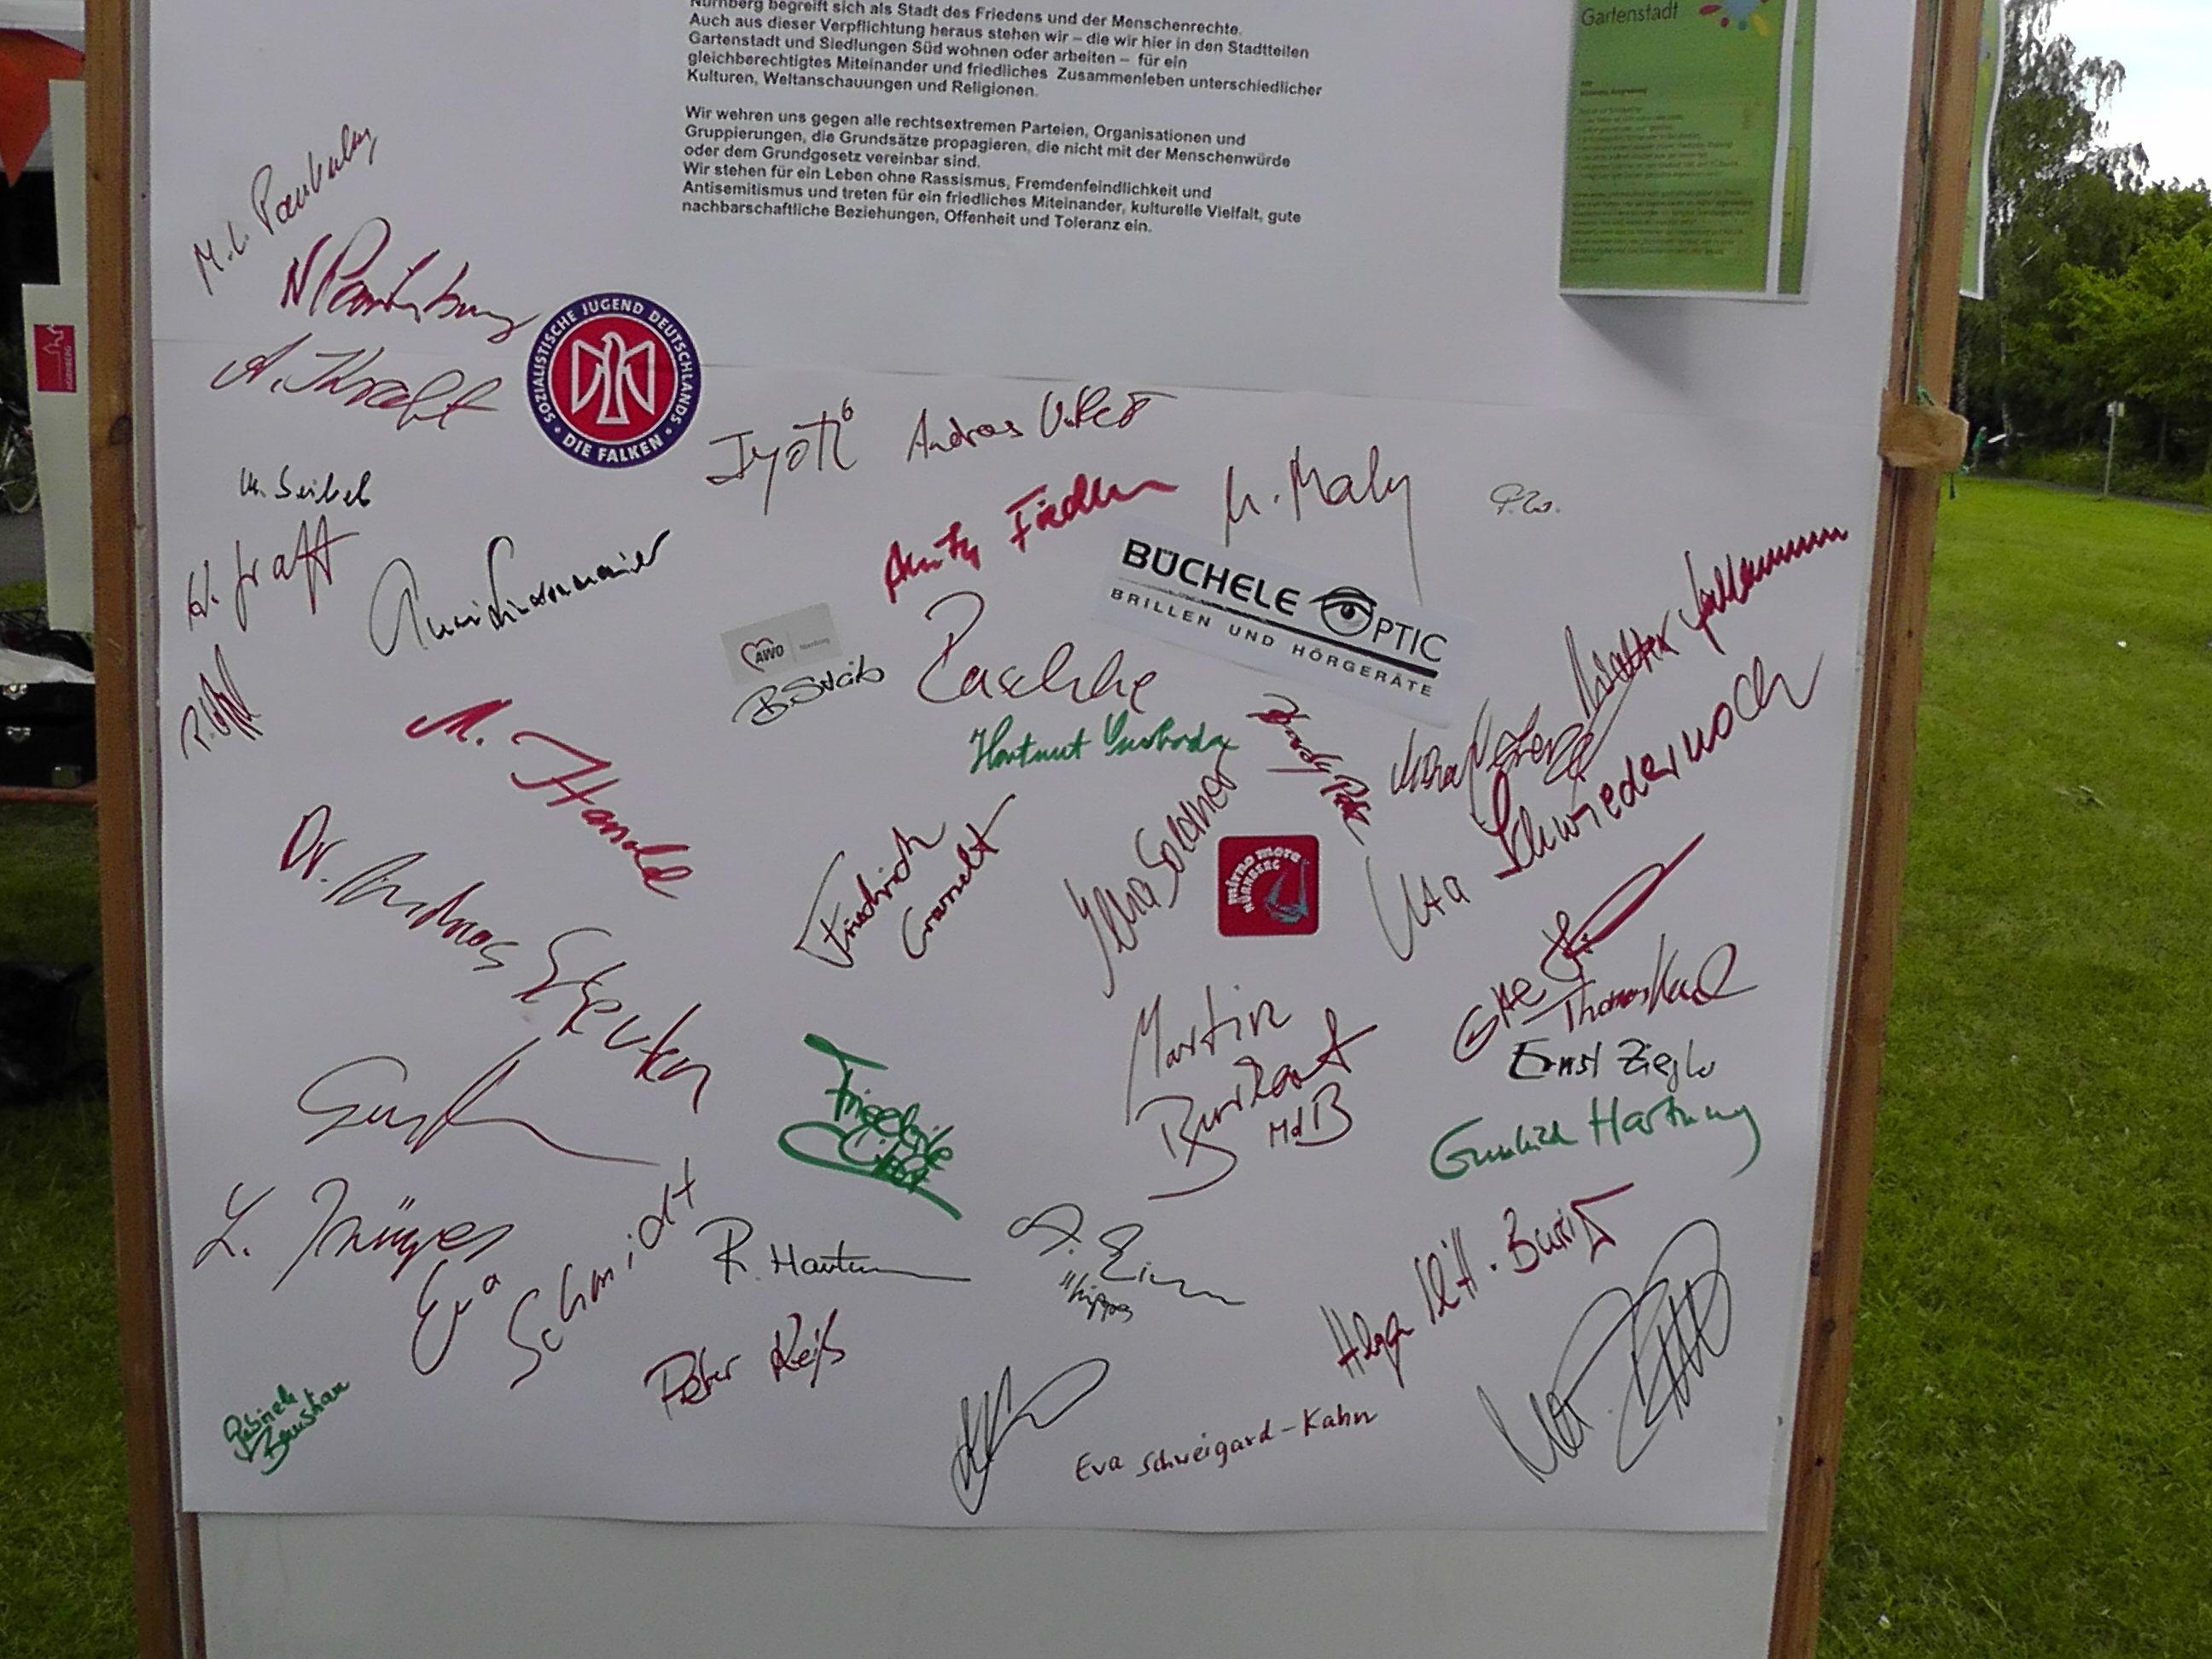 Stadtteilfest 2013 Bunter Tisch Unterschriften